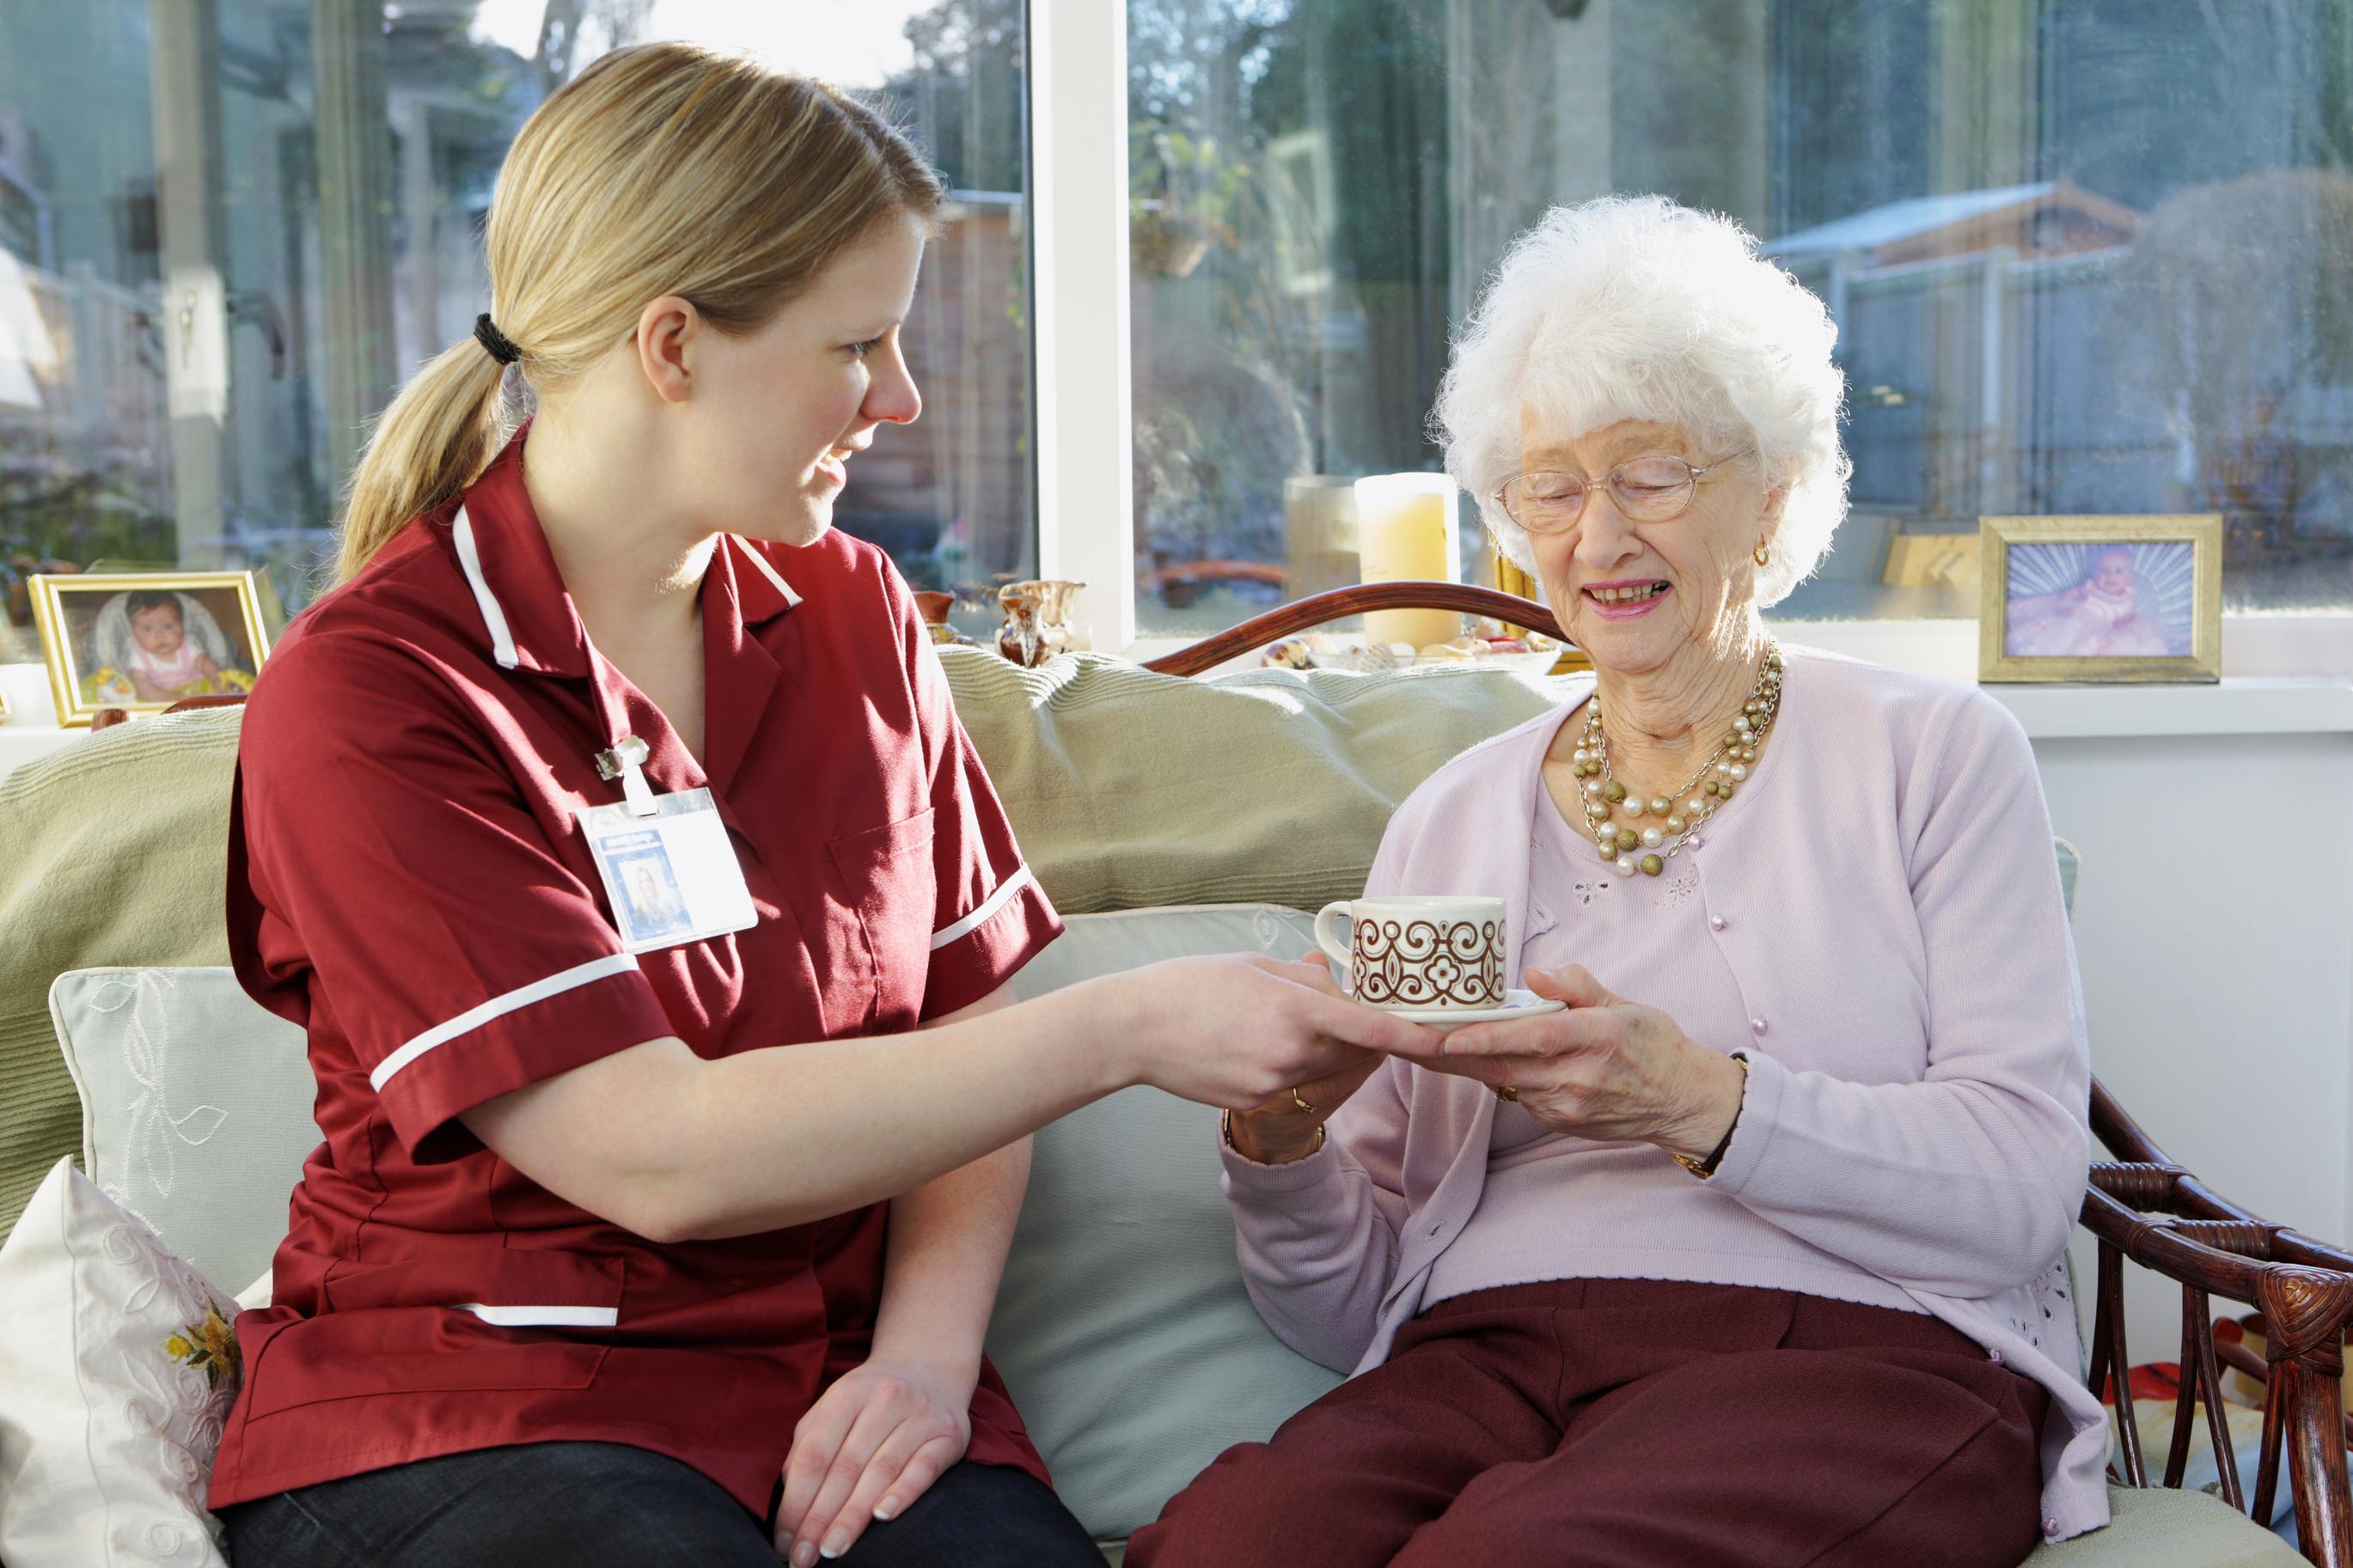 nursing homes for the elderly Elderly abuse and neglect in nursing homes debra k showers kaplan university elderly abuse and neglect in nursing homes are nursing homes abusing and neglecting the elderly.